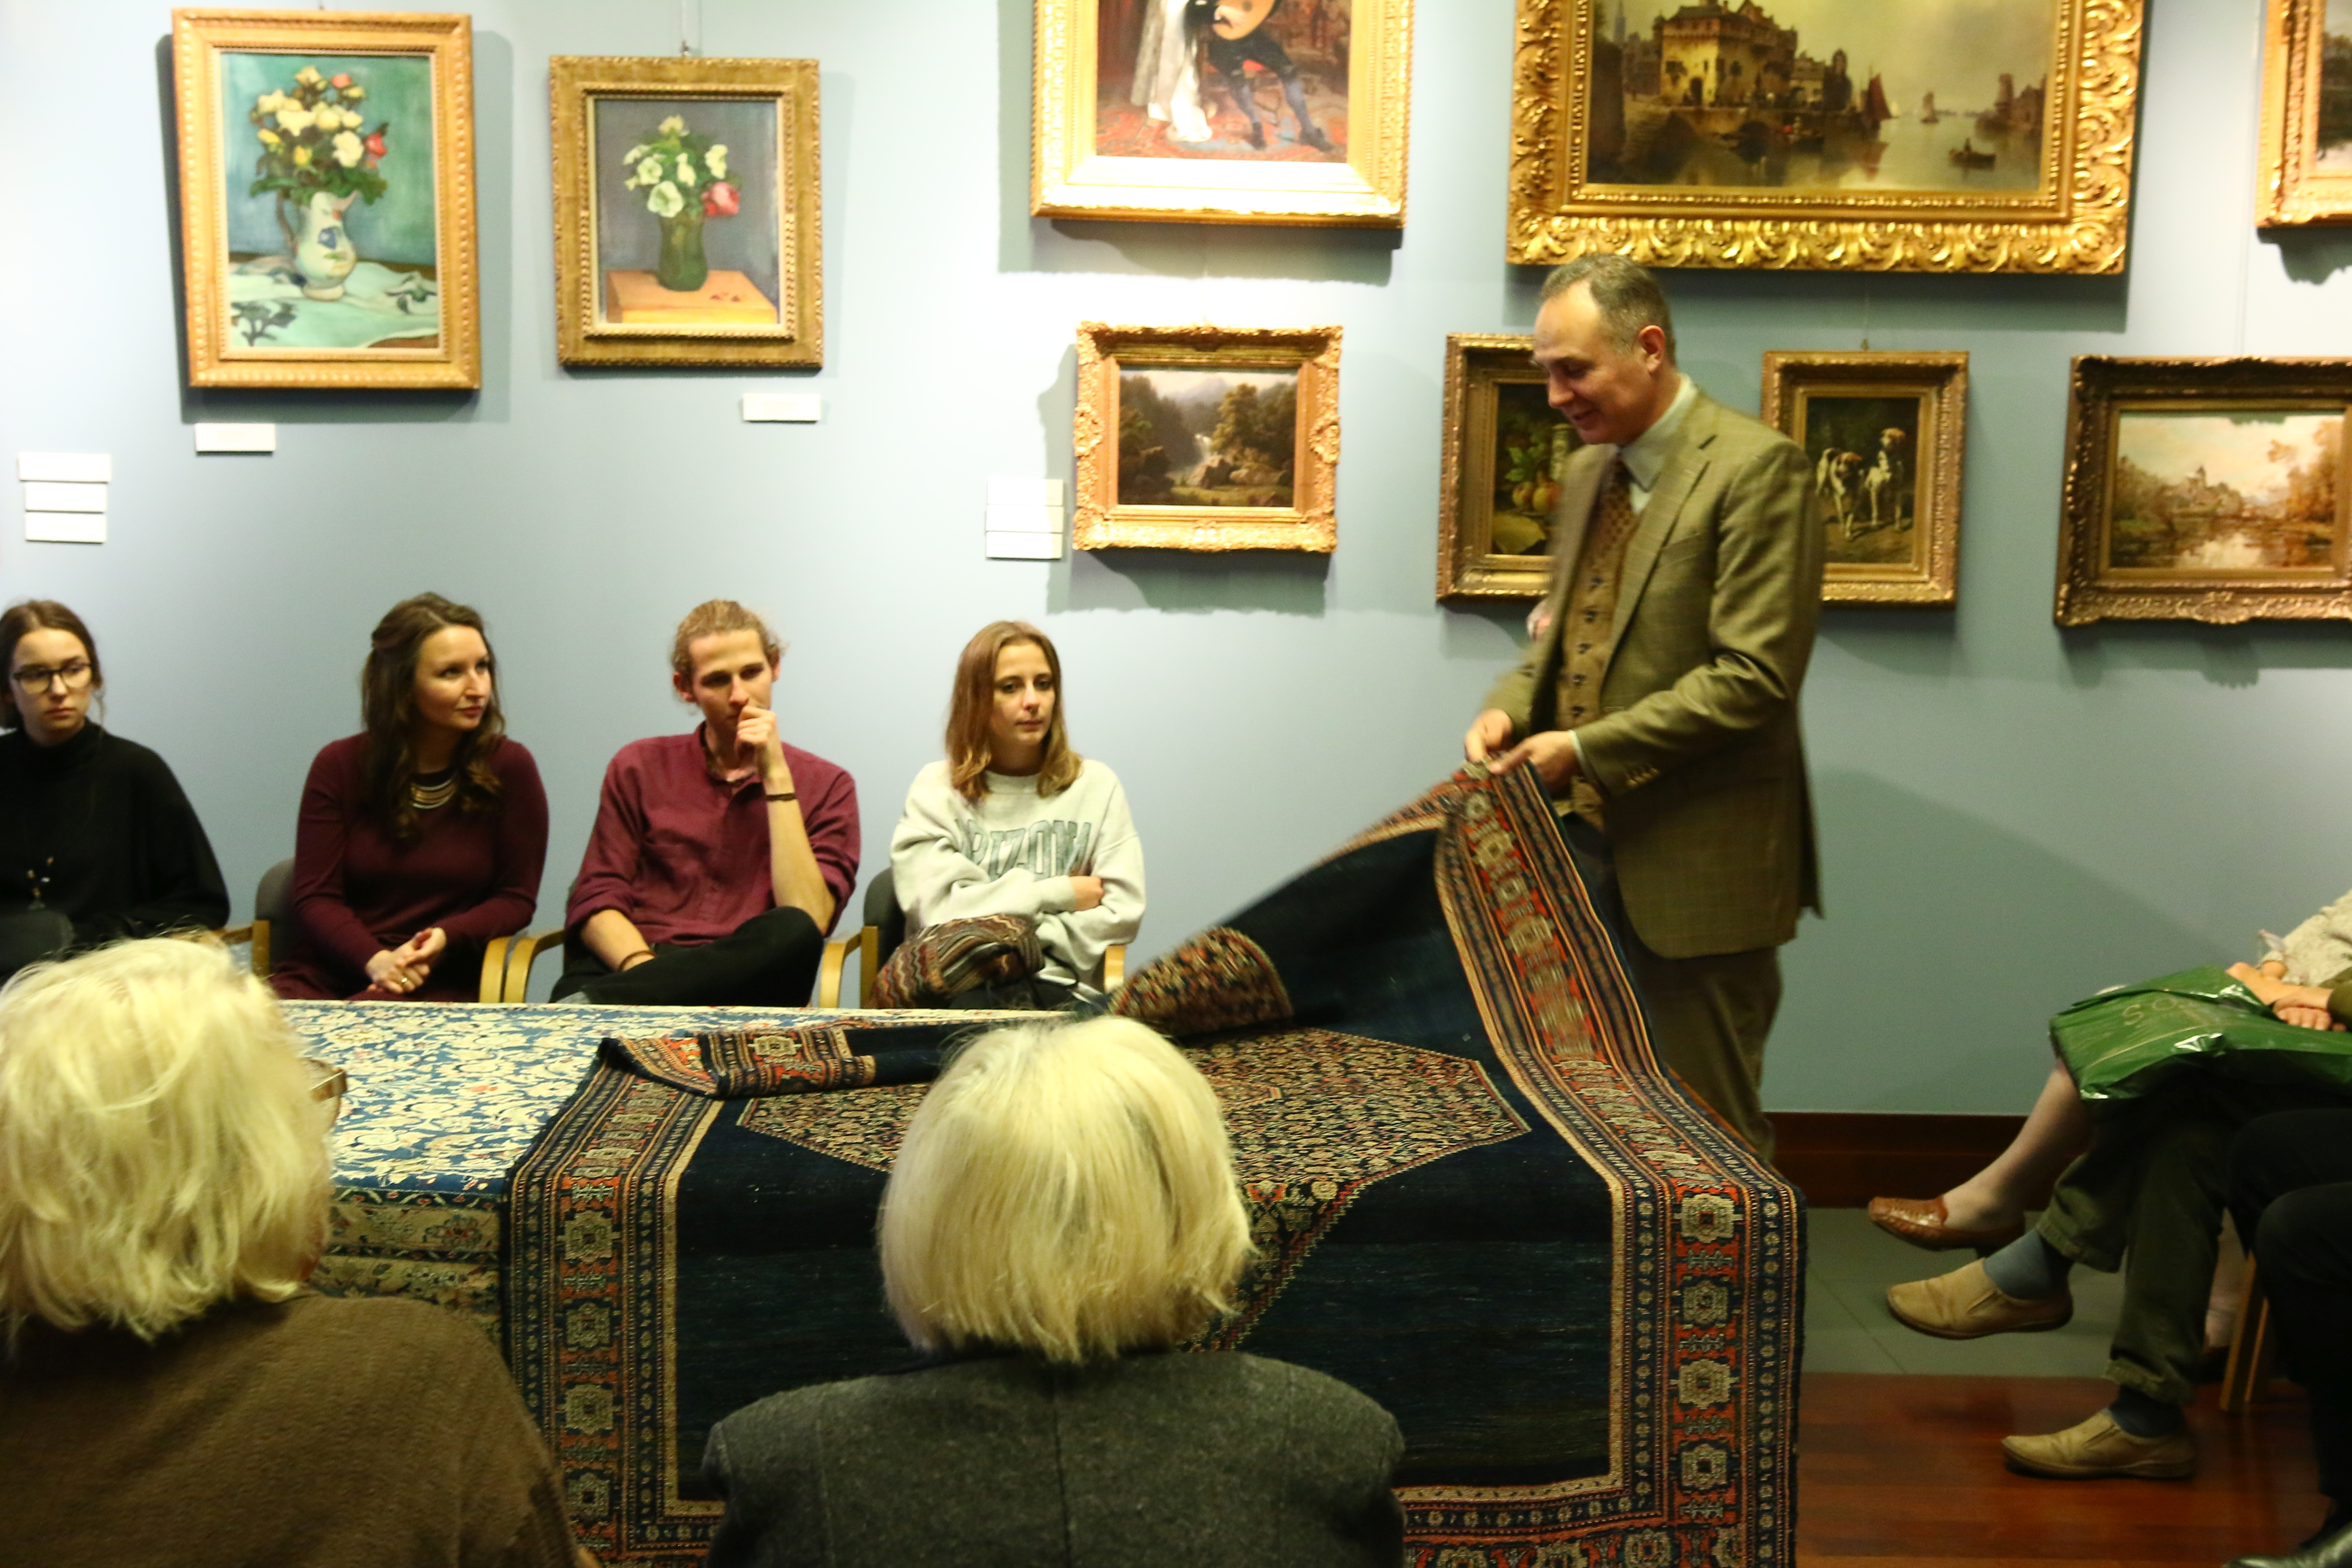 Kolekcjoner w akcji, czyli Mikołaj Pietraszak-Dmowski opowiada o budowie dywanów